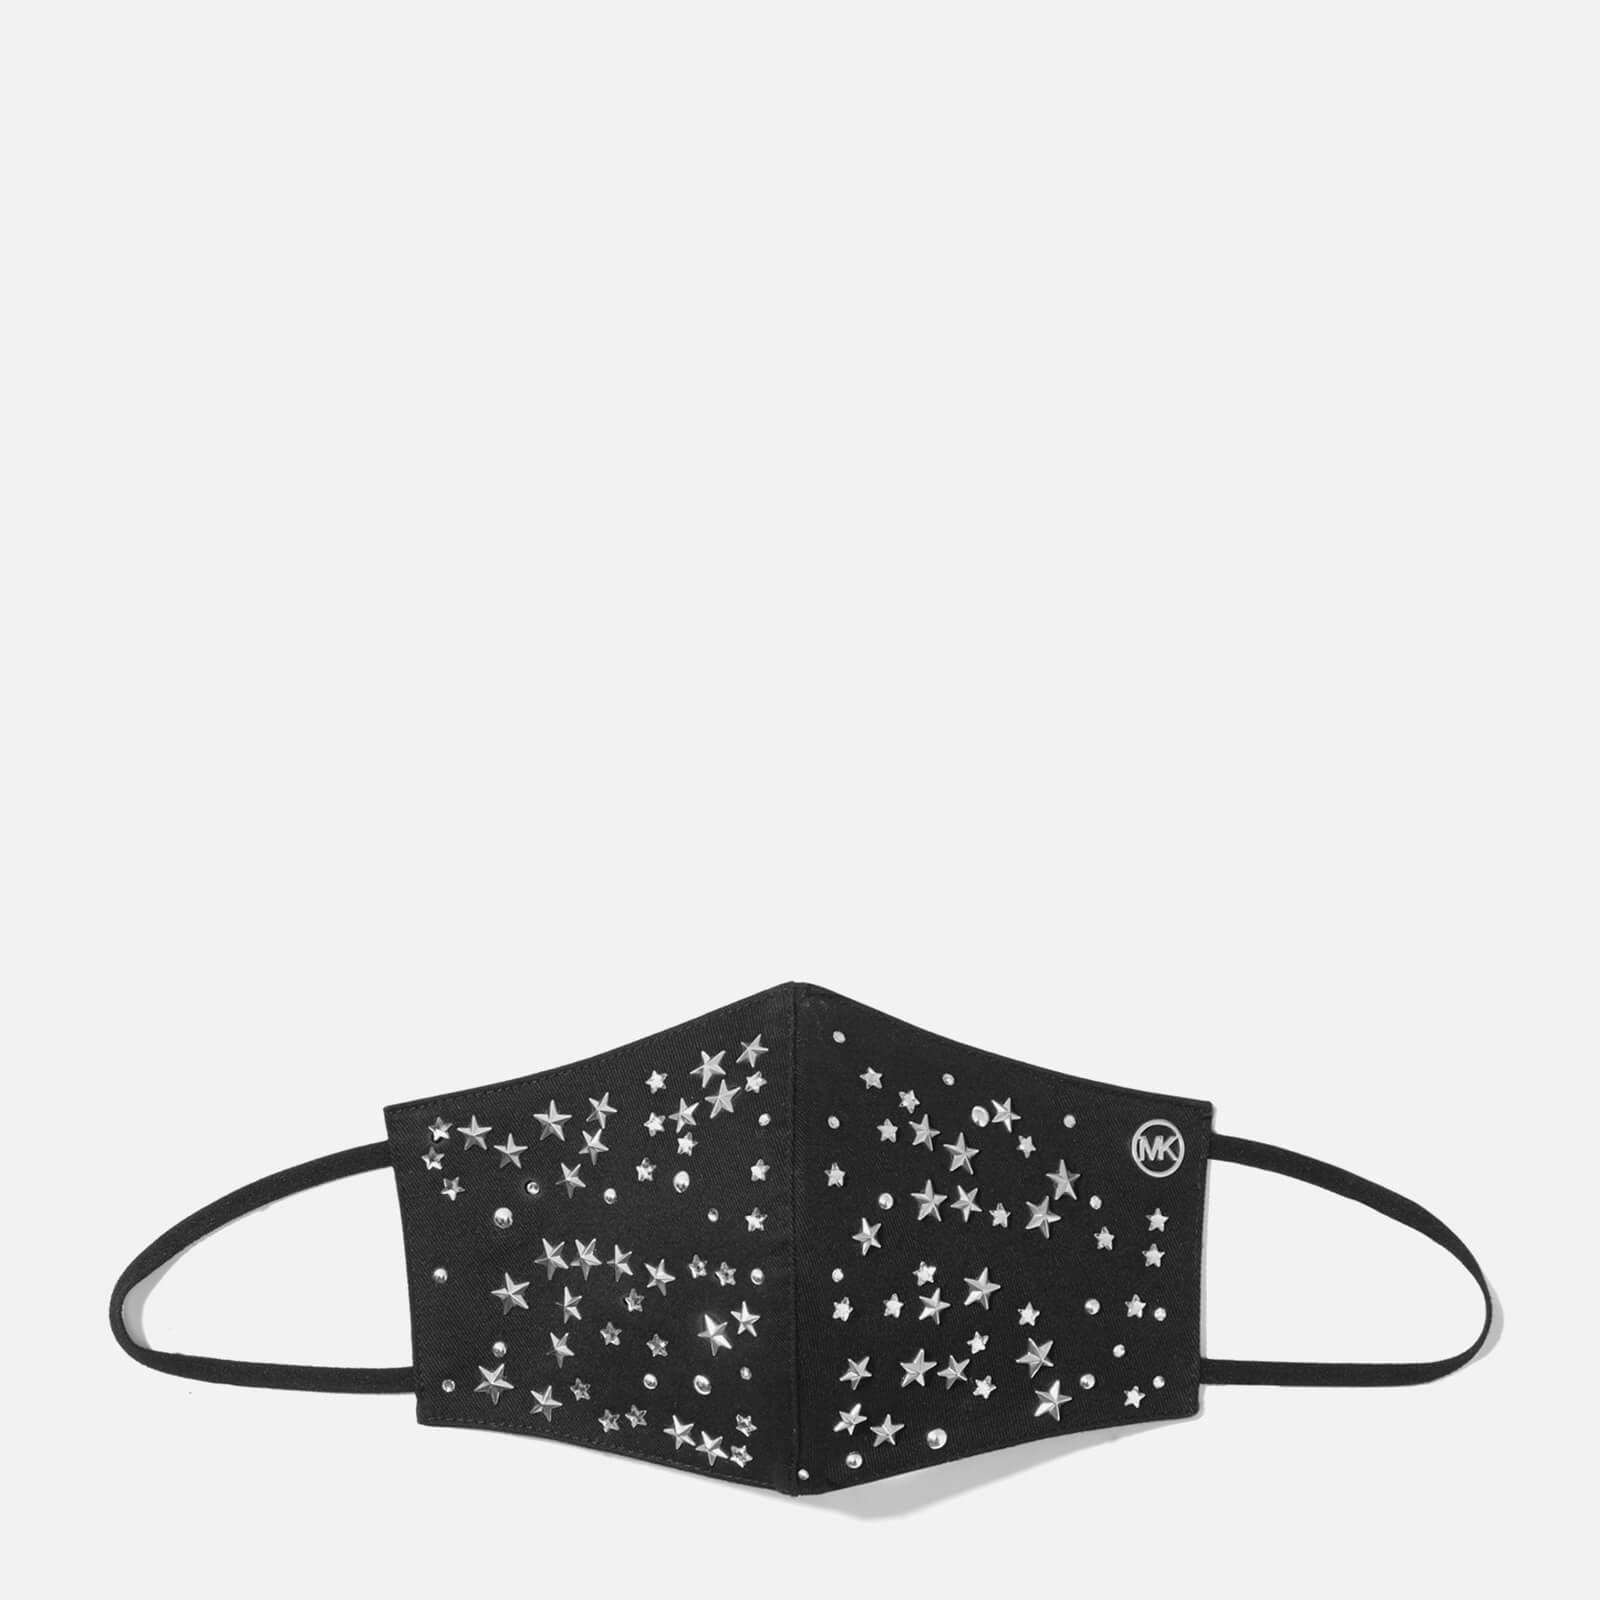 MICHAEL Michael Kors Women's Scatter Star Mask - Black/Silver